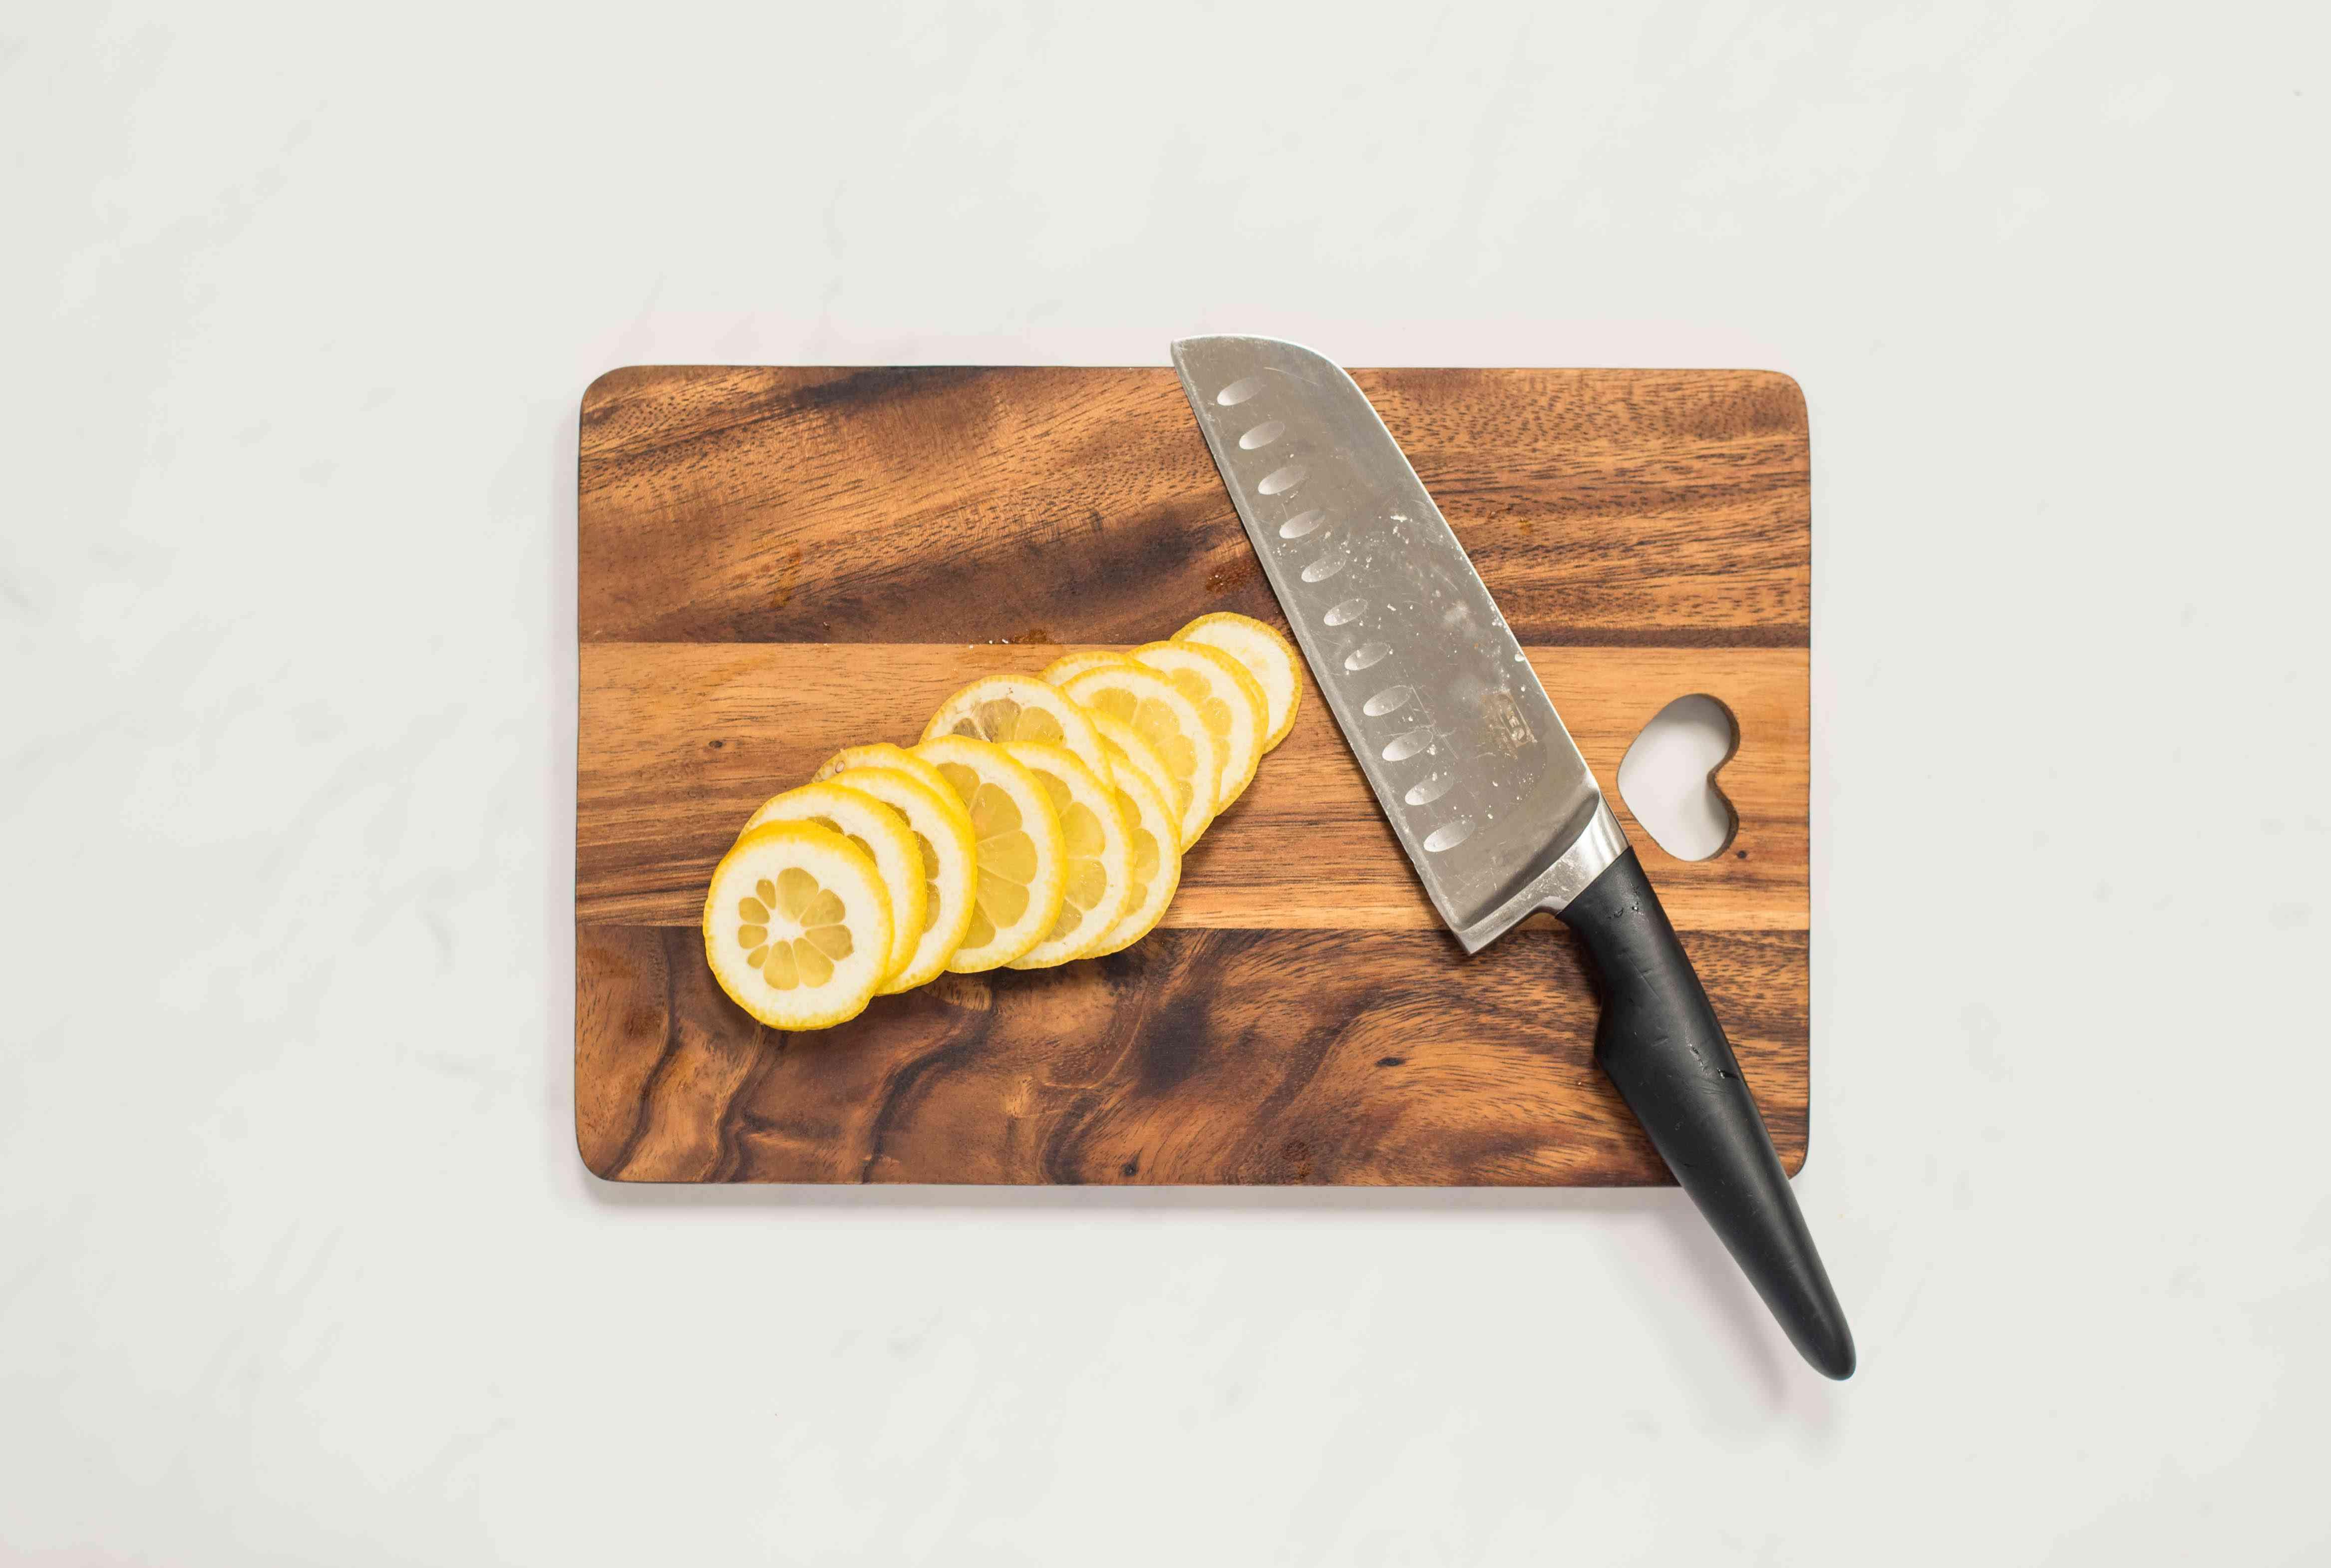 Slice lemons